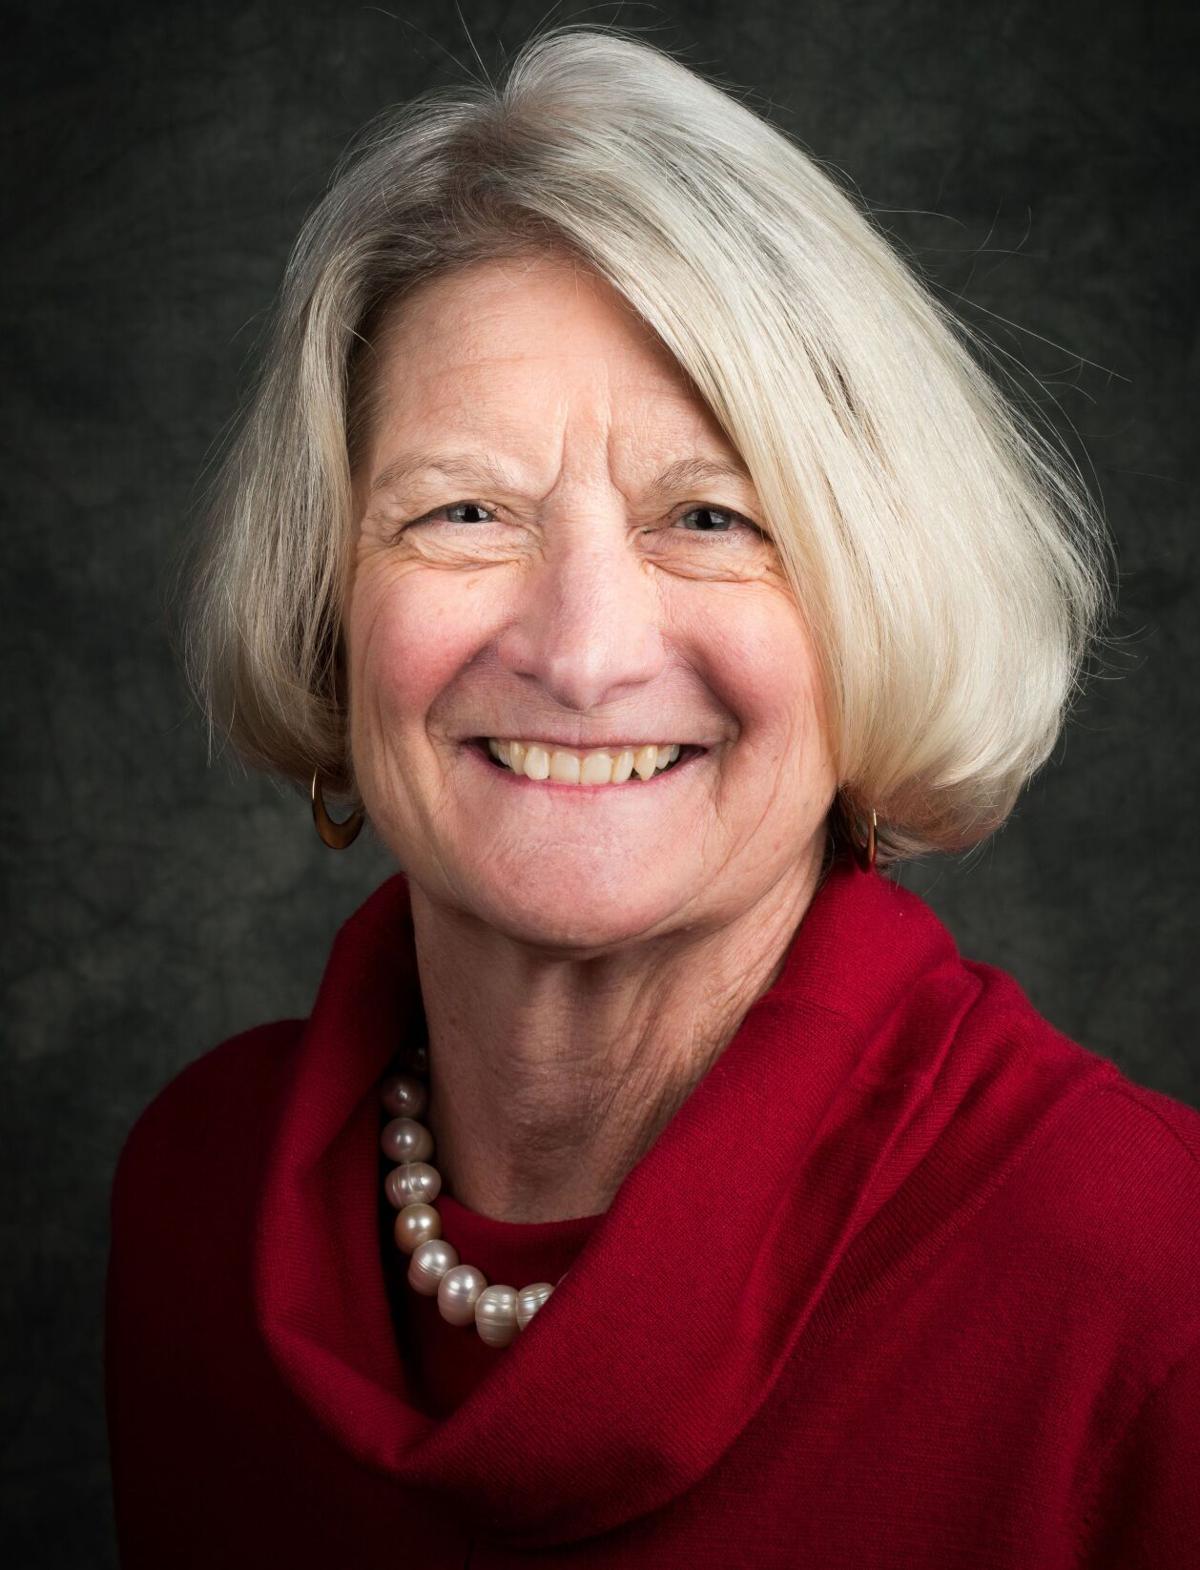 Charlotte Lane, Chairman West Virginia Public Service Commission